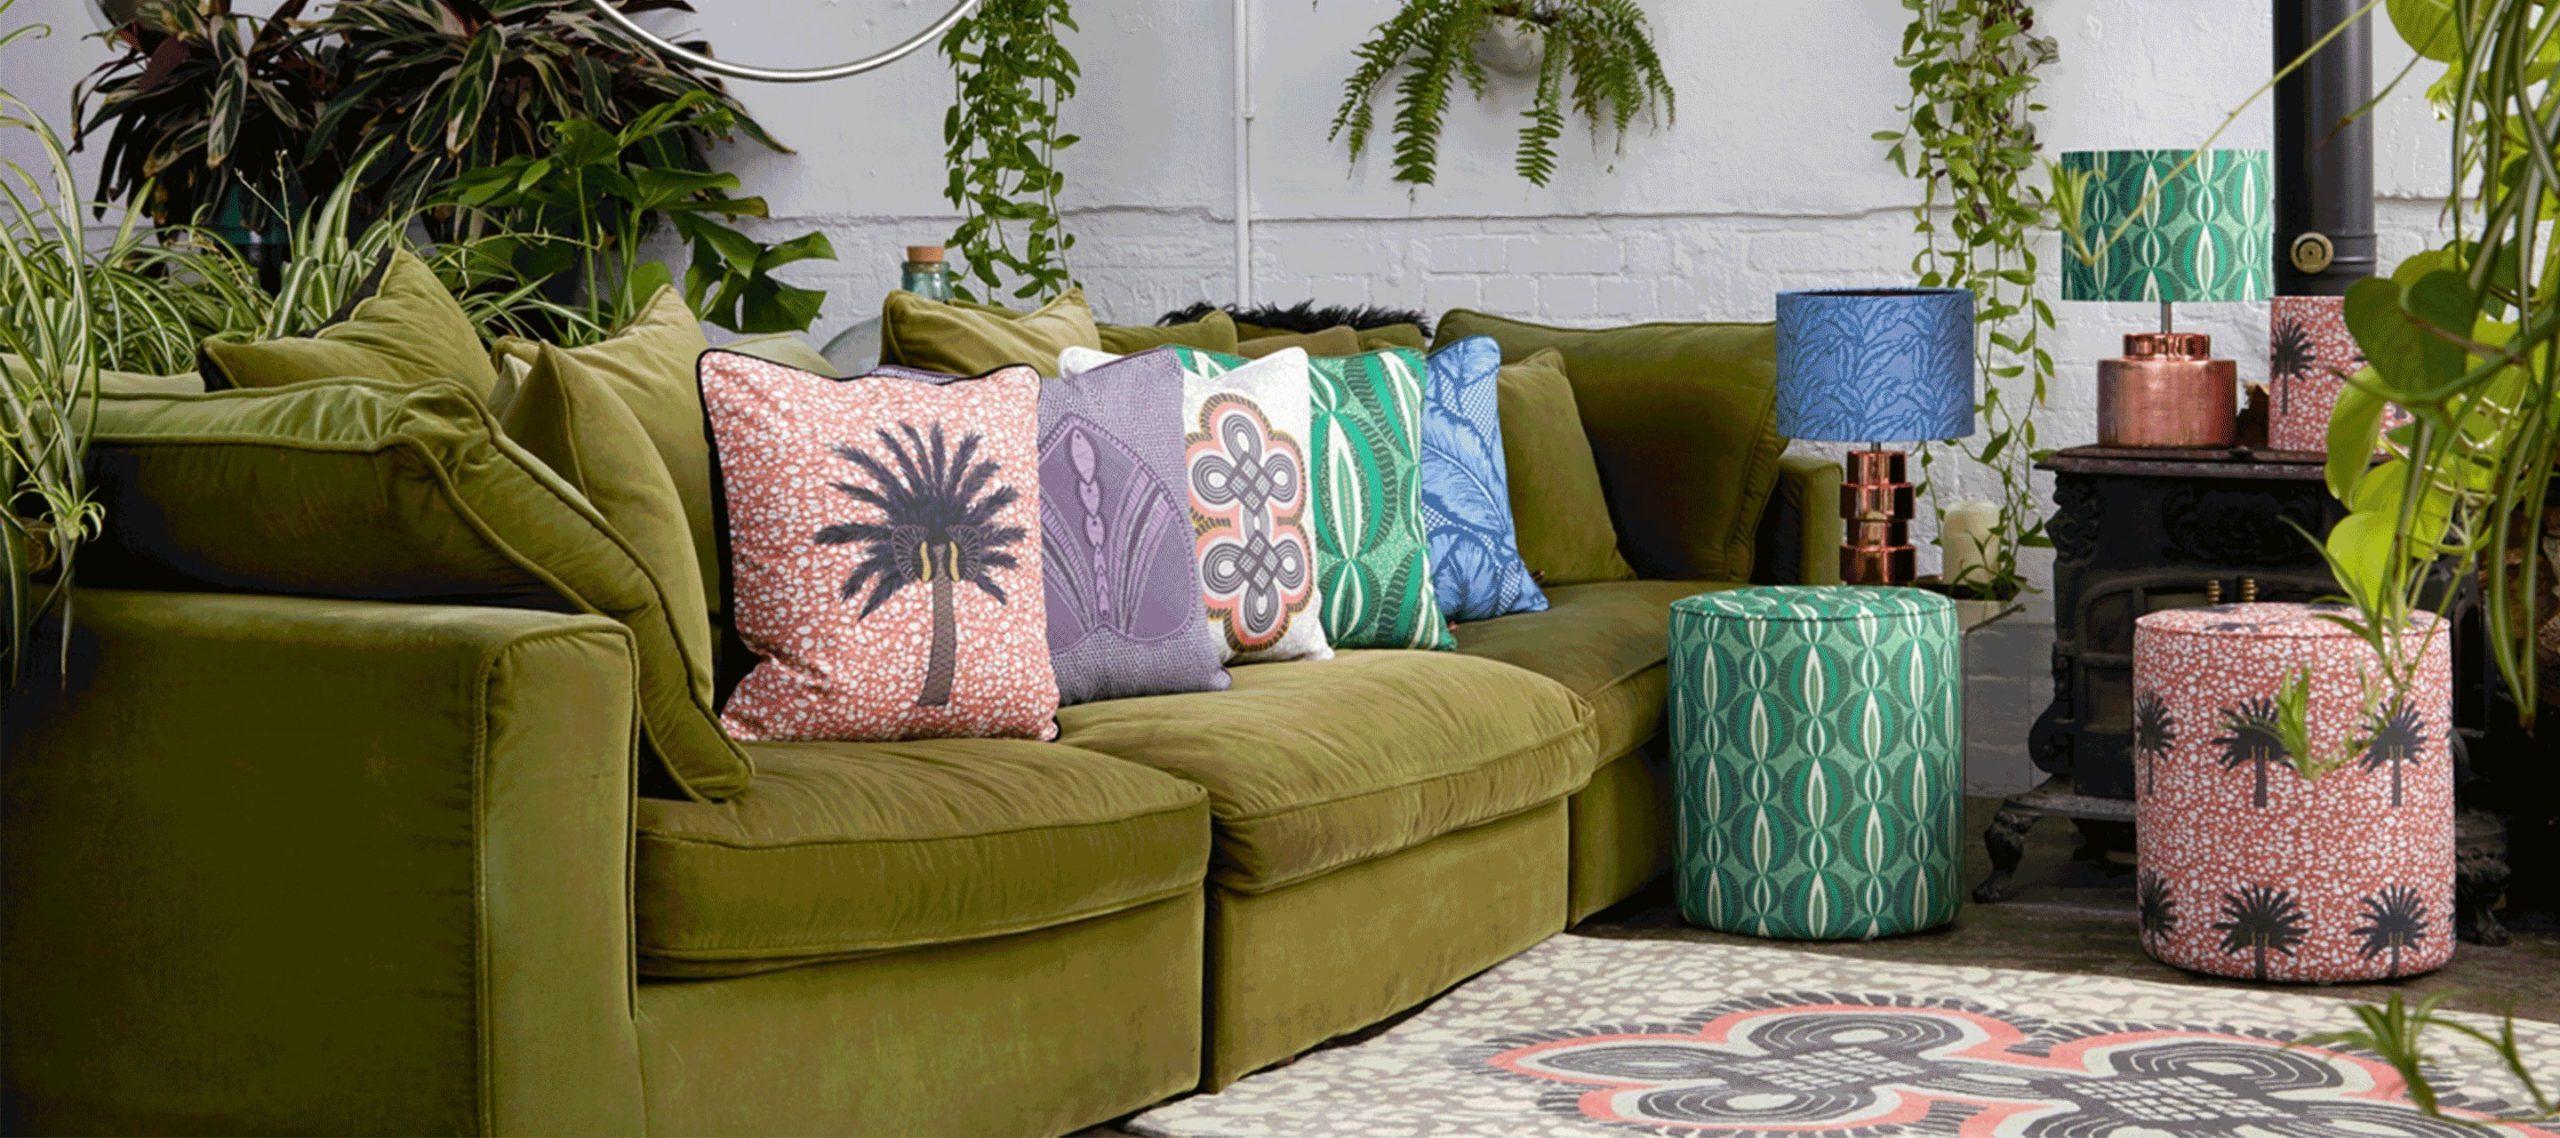 20 Contemporary African Home Decor Brands We Love   BIDHAAR